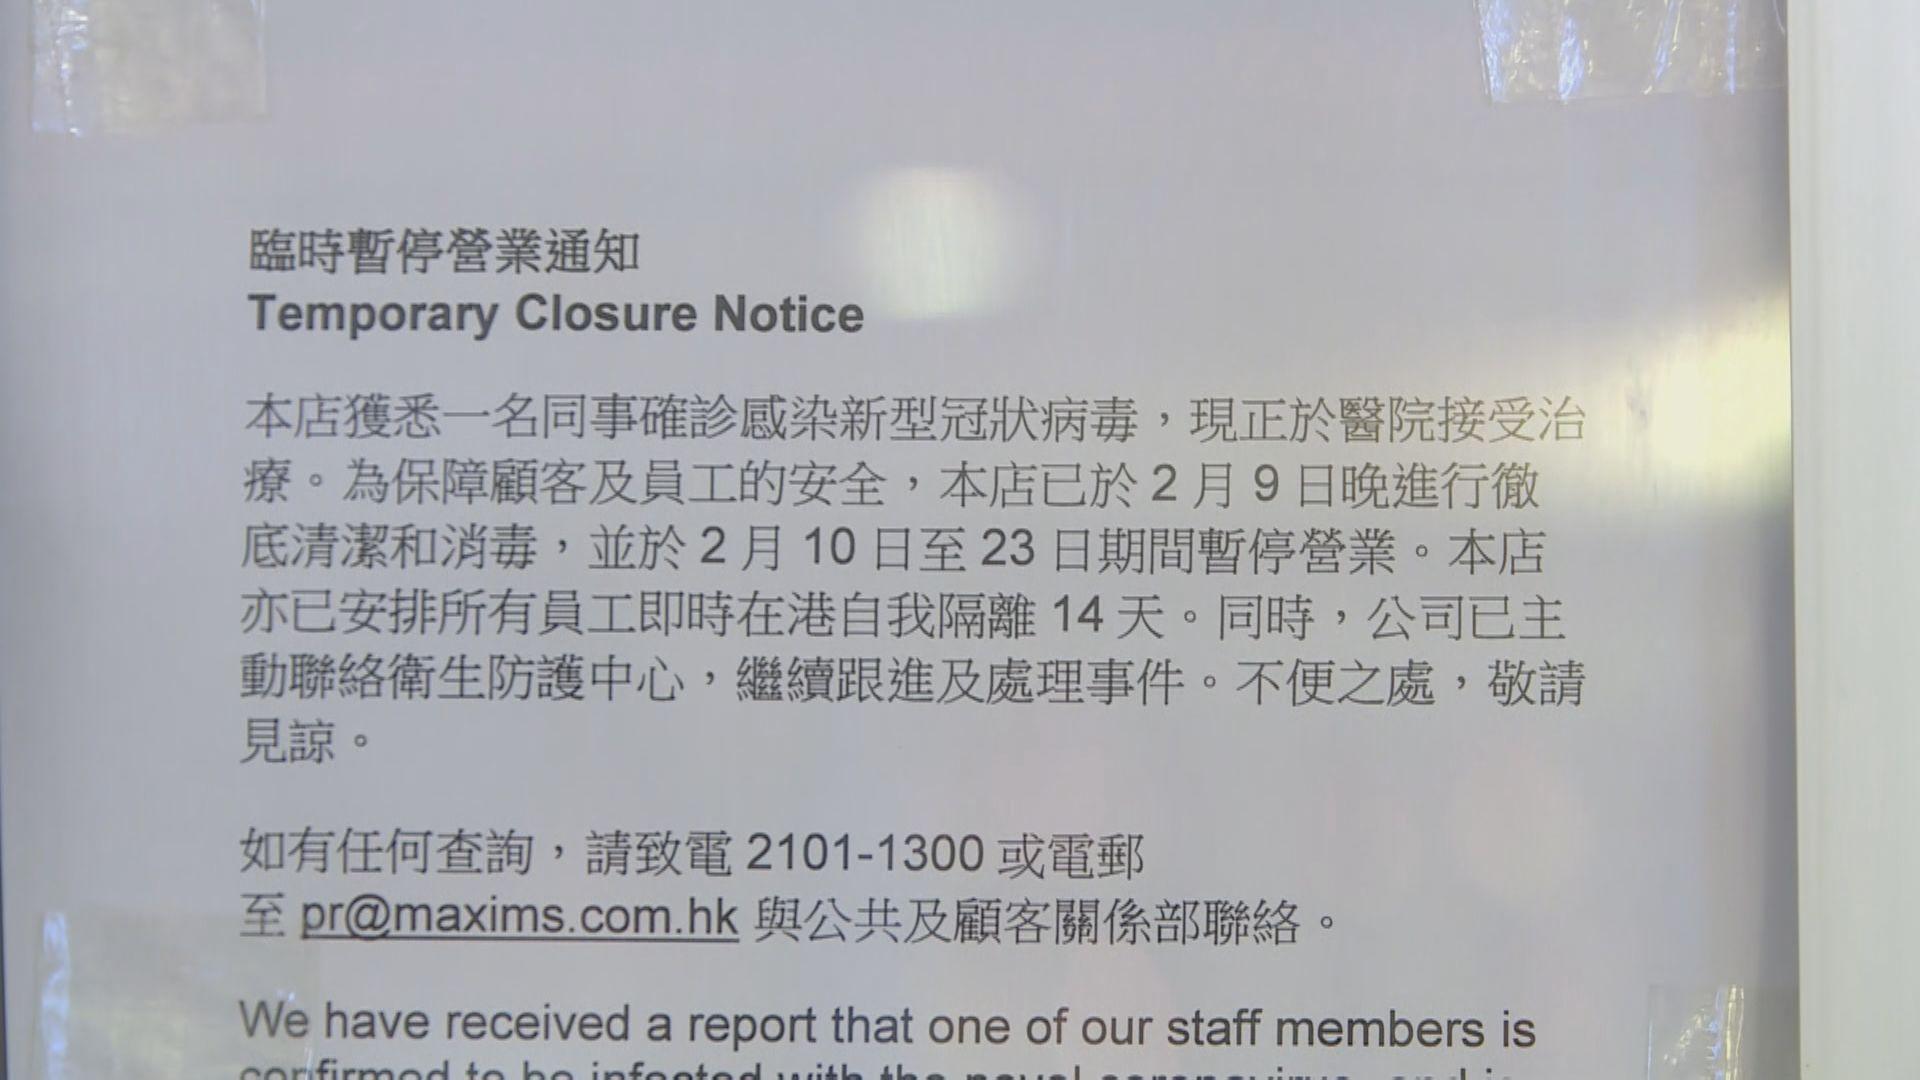 美心兩員工確診感染新型肺炎 北京樓中環旺角分店關閉